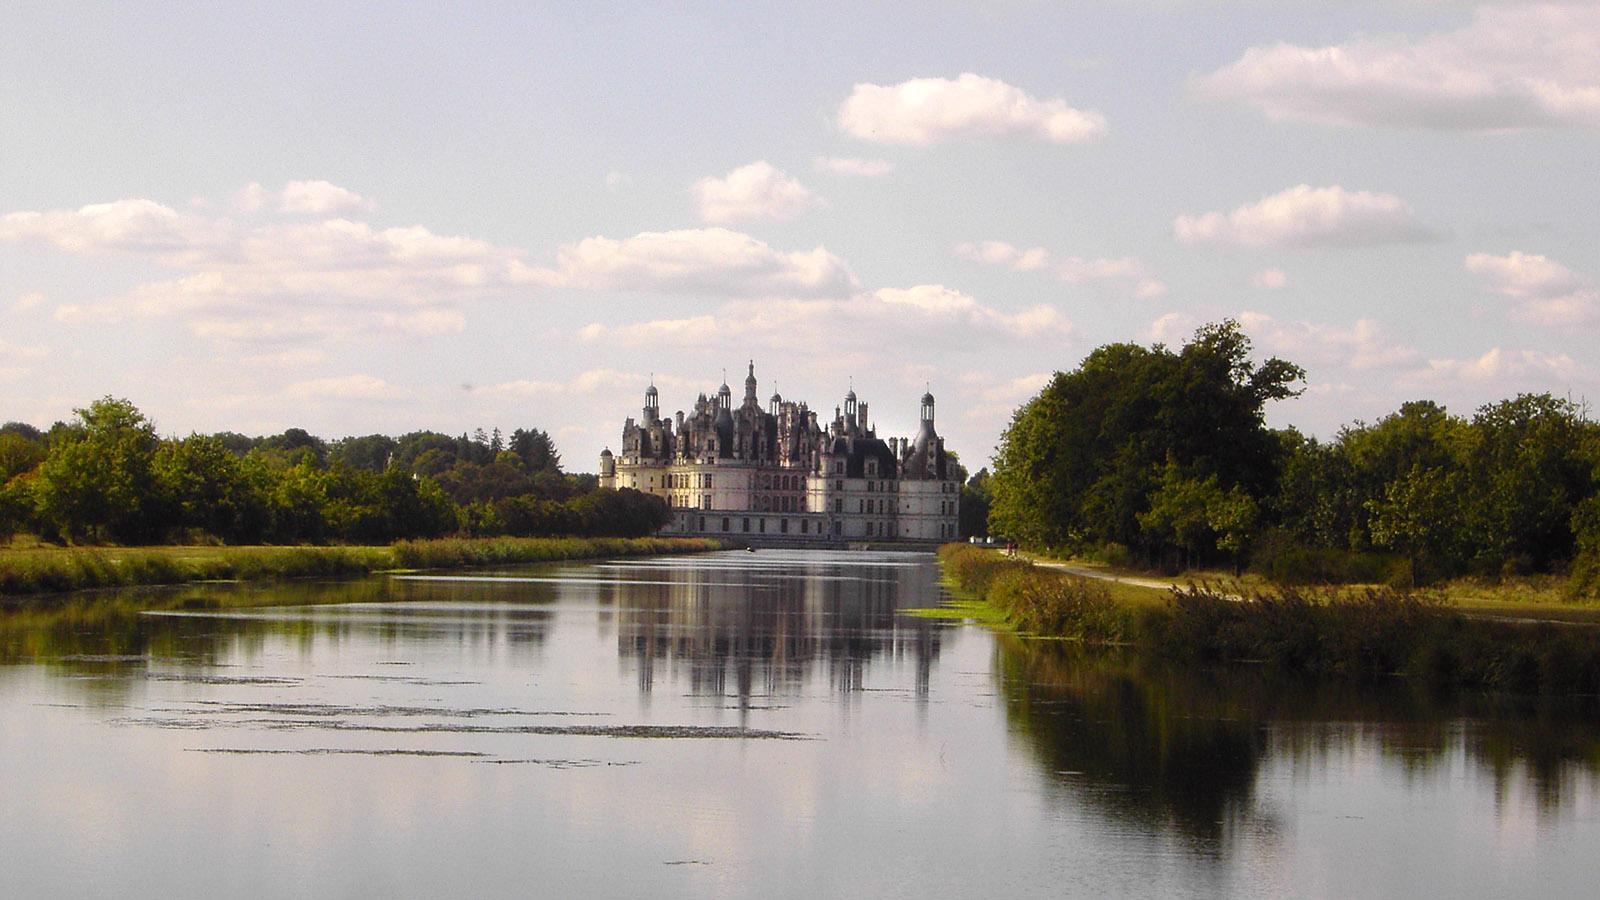 Das Schloss von Chambord. Foto: Huberta Jacobs